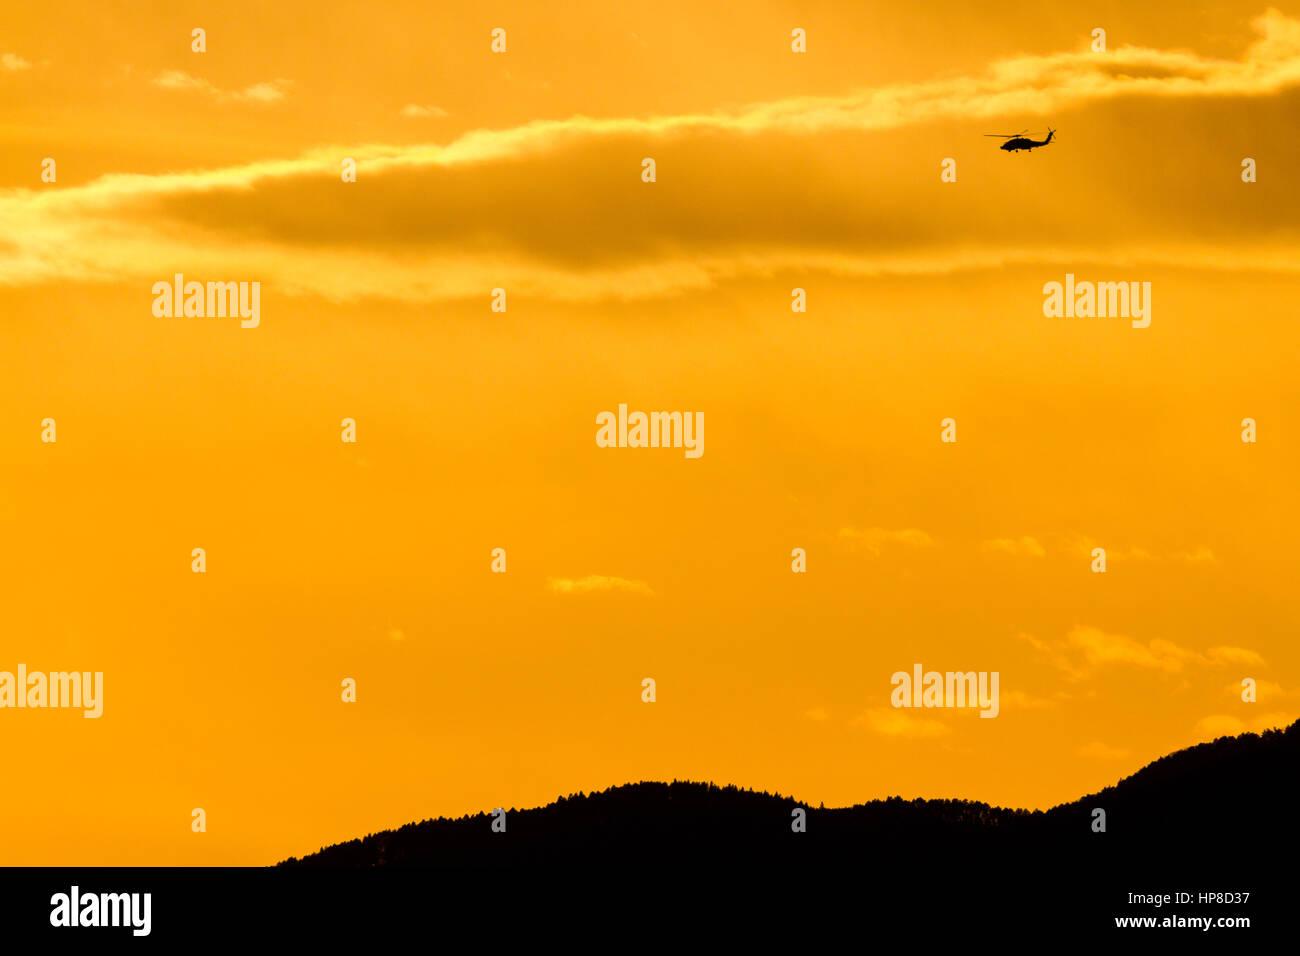 Le Sikorsky UH-60 Black Hawk hélicoptère volant au coucher du soleil la lumière sur Kanagawa, Japon. Photo Stock